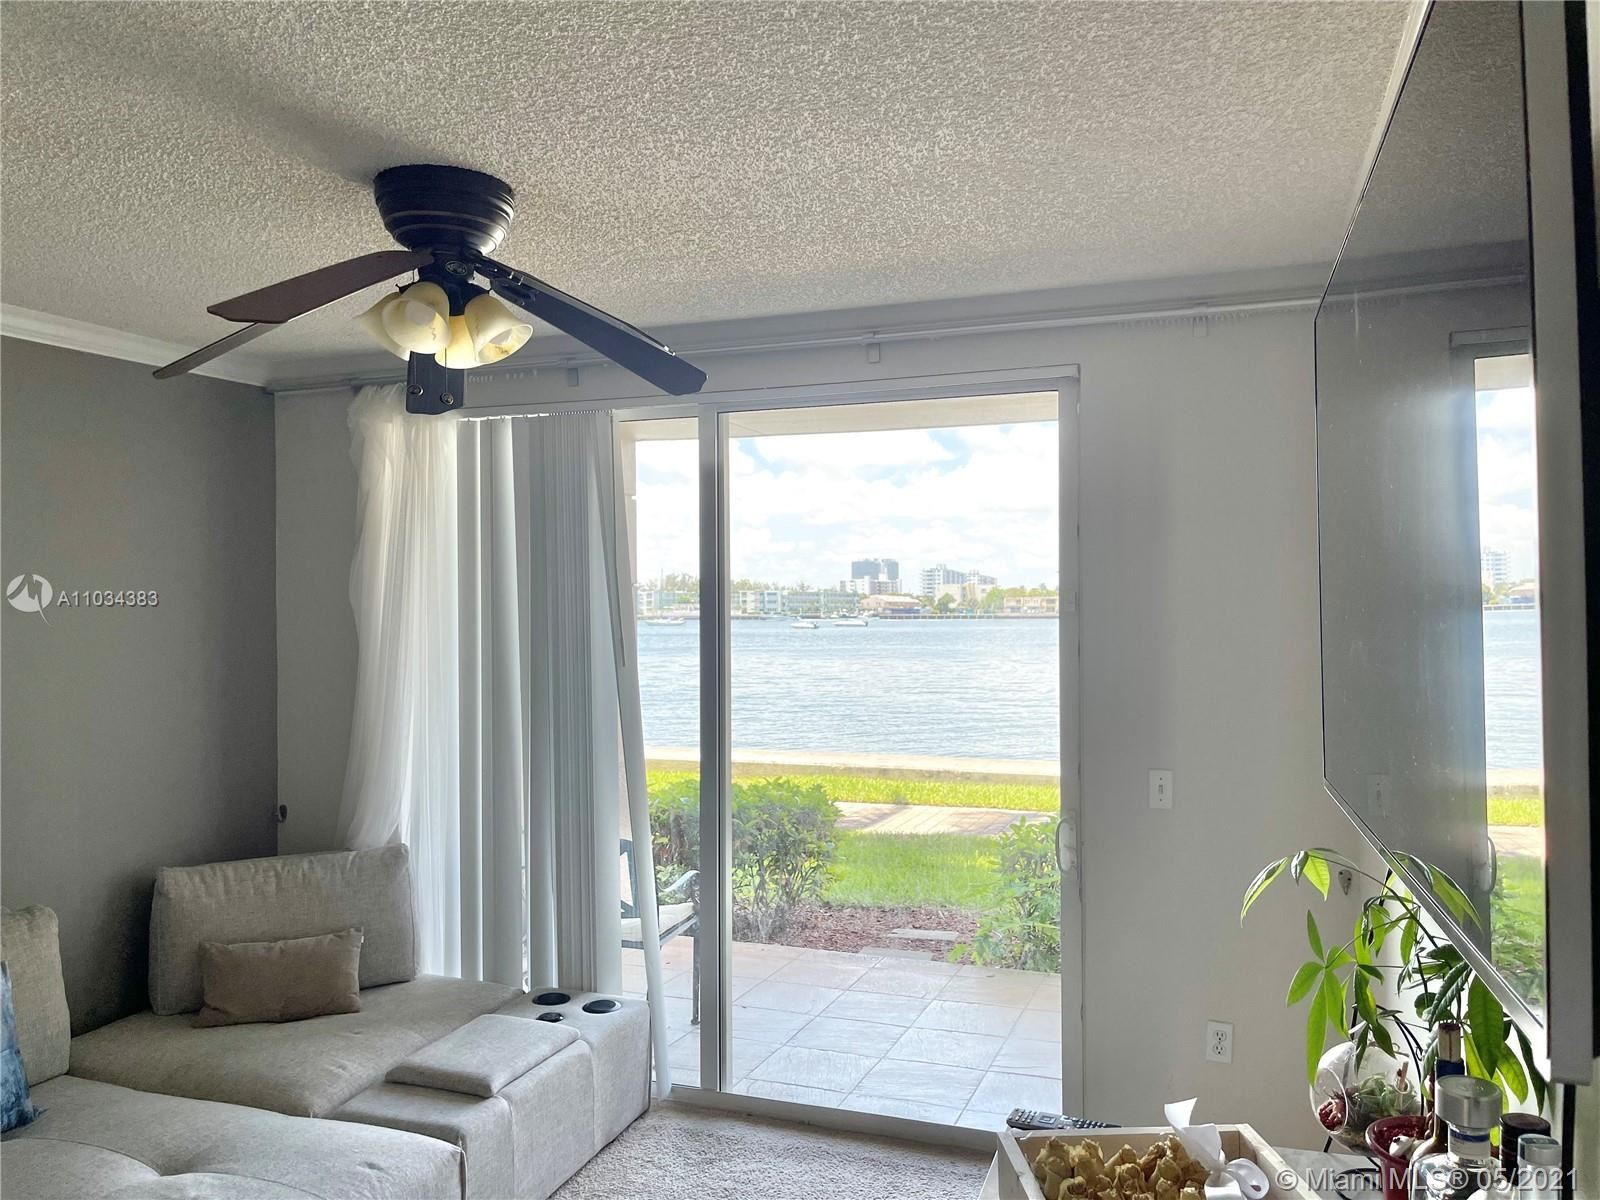 17100 N Bay Rd #1106, Sunny Isles, FL 33160 - #: A11034383